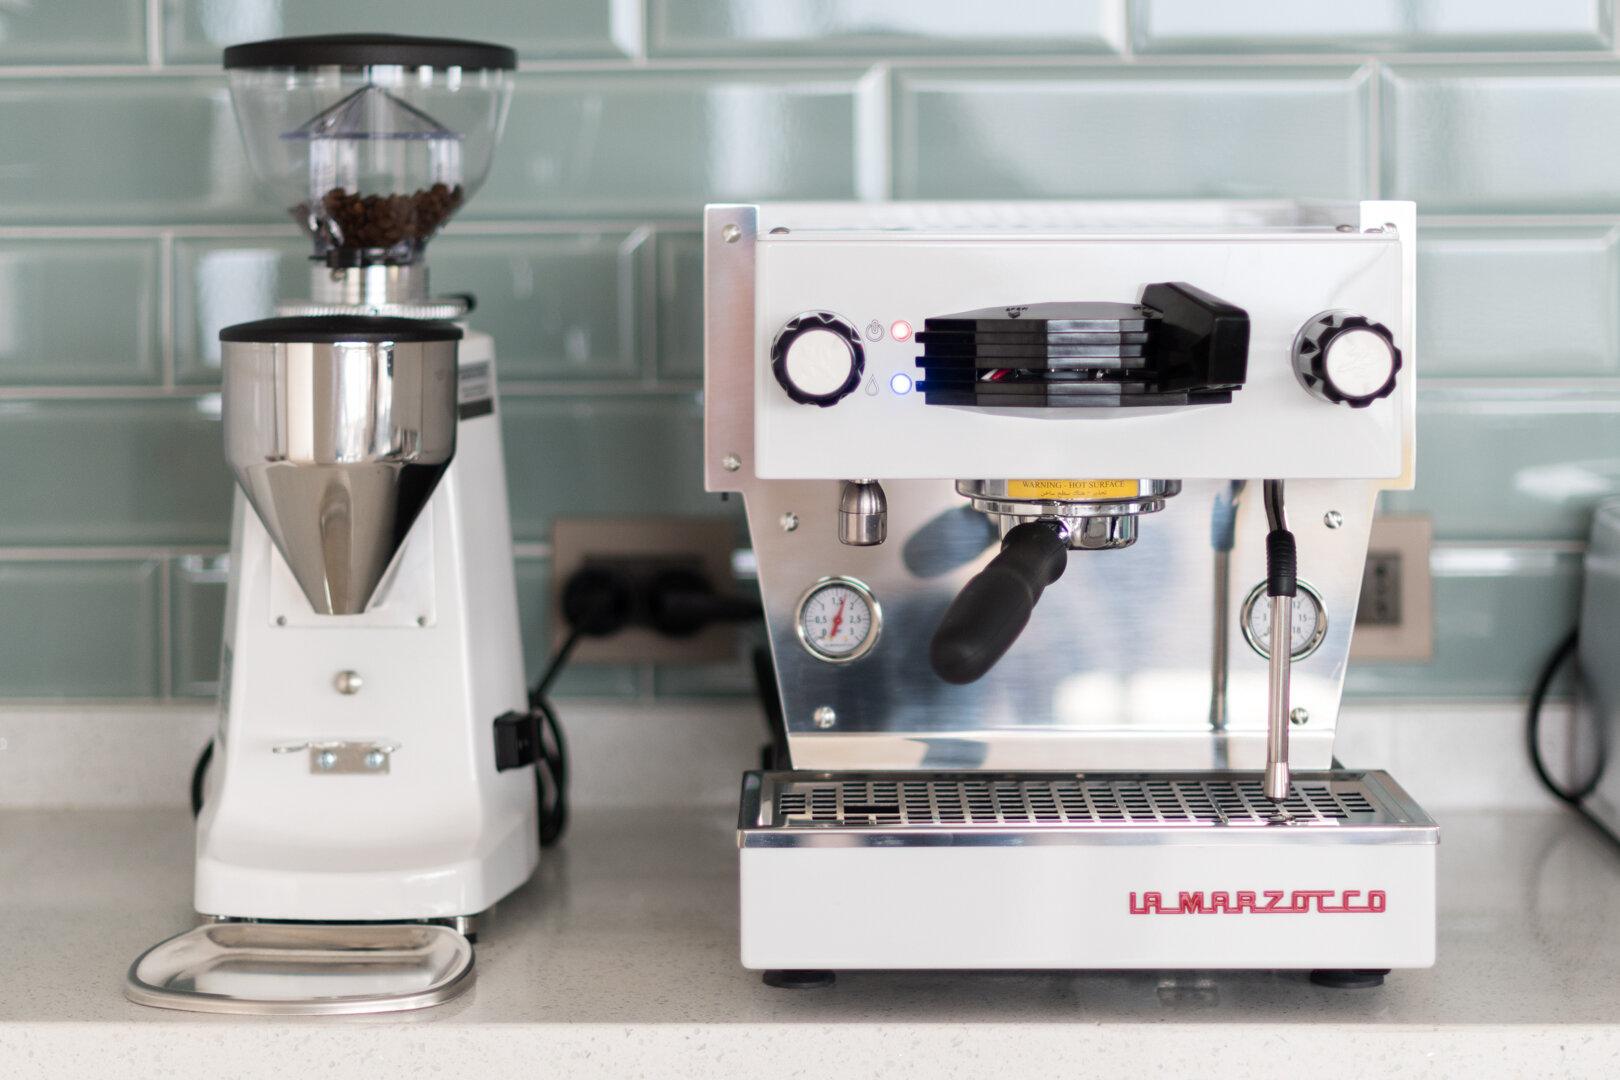 Eventos - Podemos estar presentes en tu próximo evento privado o público, con nuestras preparaciones de café Espresso y preparaciones de vertido manual, preparados por nuestros baristas y con los mismos estándares de nuestras tiendas.